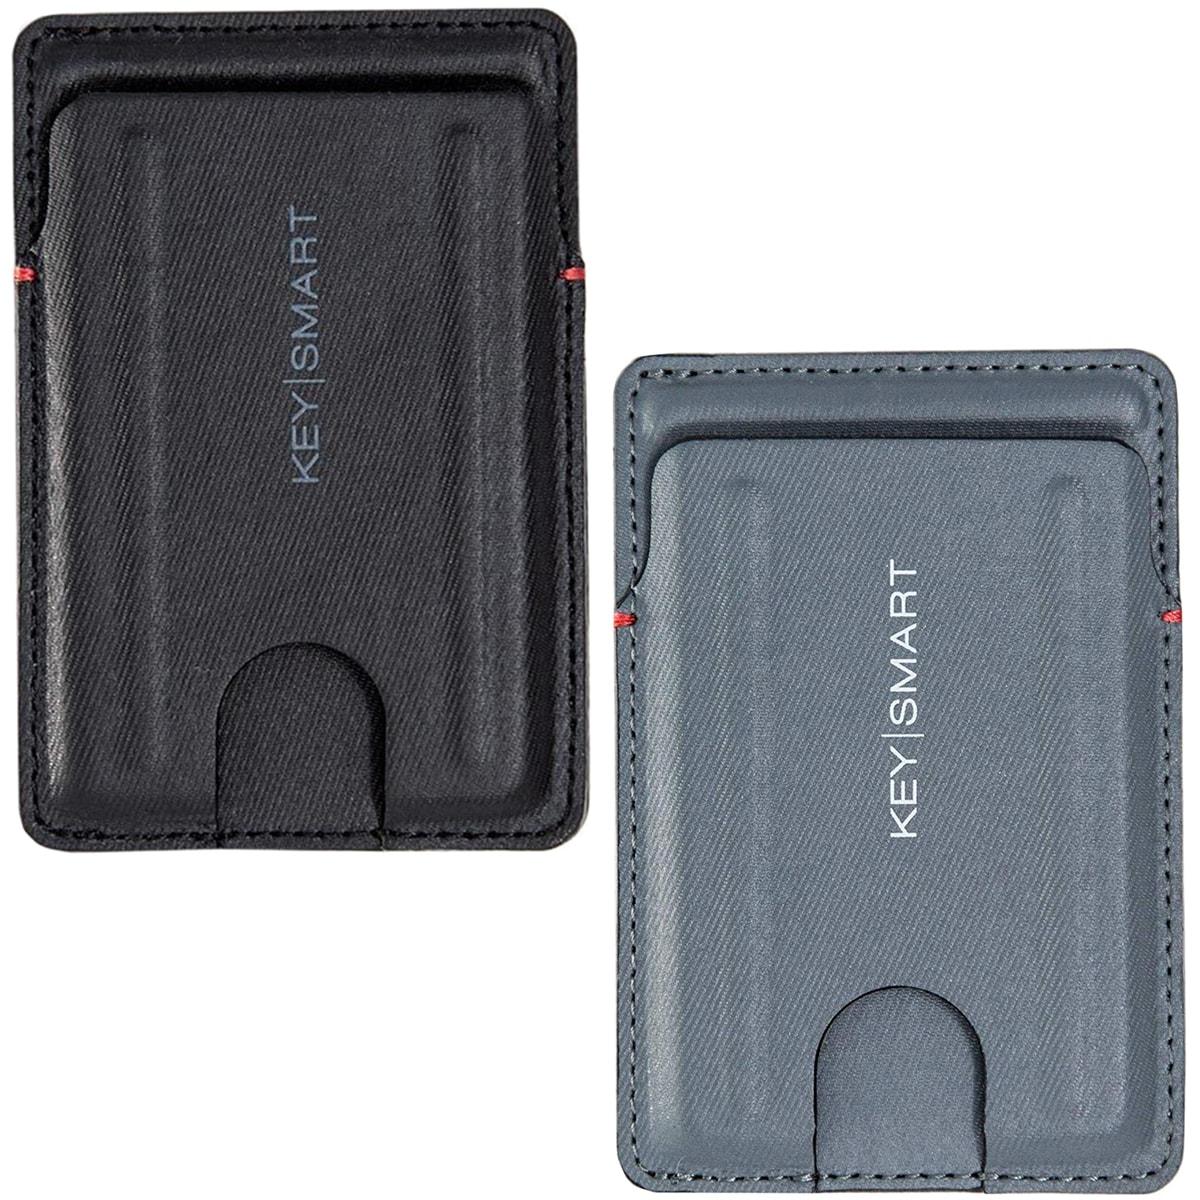 Slim Bifold Wallet Genuine Leather Money Clip RFID Blocking Thin Card Pocket CHZ